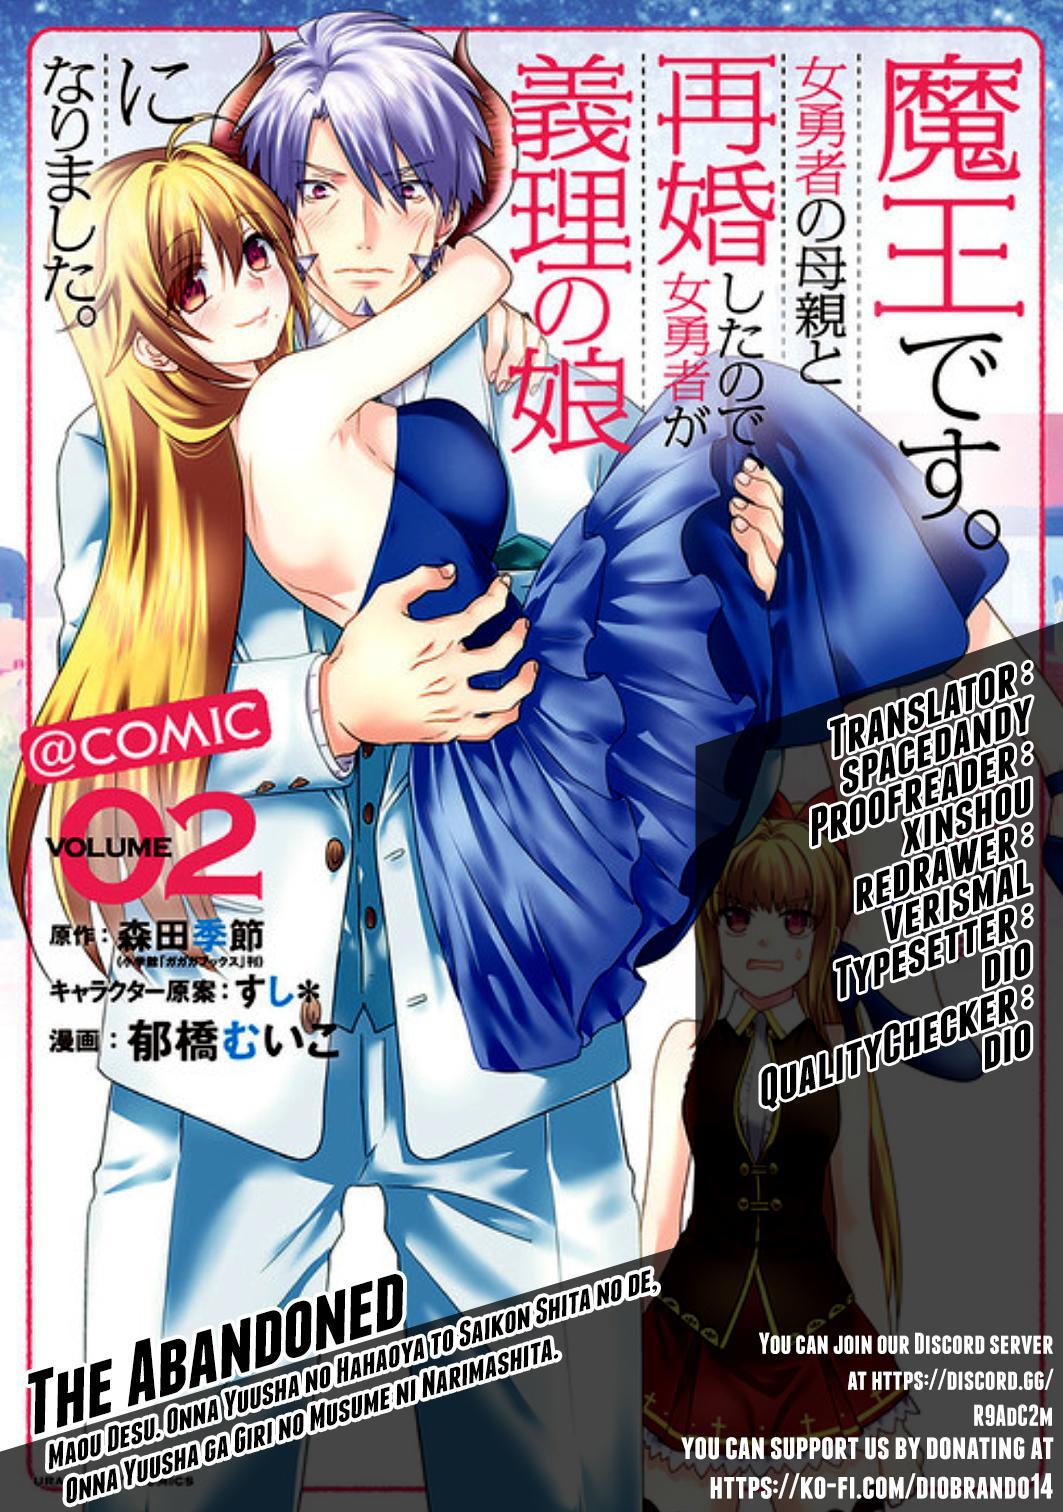 Maou Desu. Onna Yuusha No Hahaoya To Saikon Shita No De, Onna Yuusha Ga Giri No Musume Ni Narimashita. Chapter 34 page 1 - Mangakakalots.com